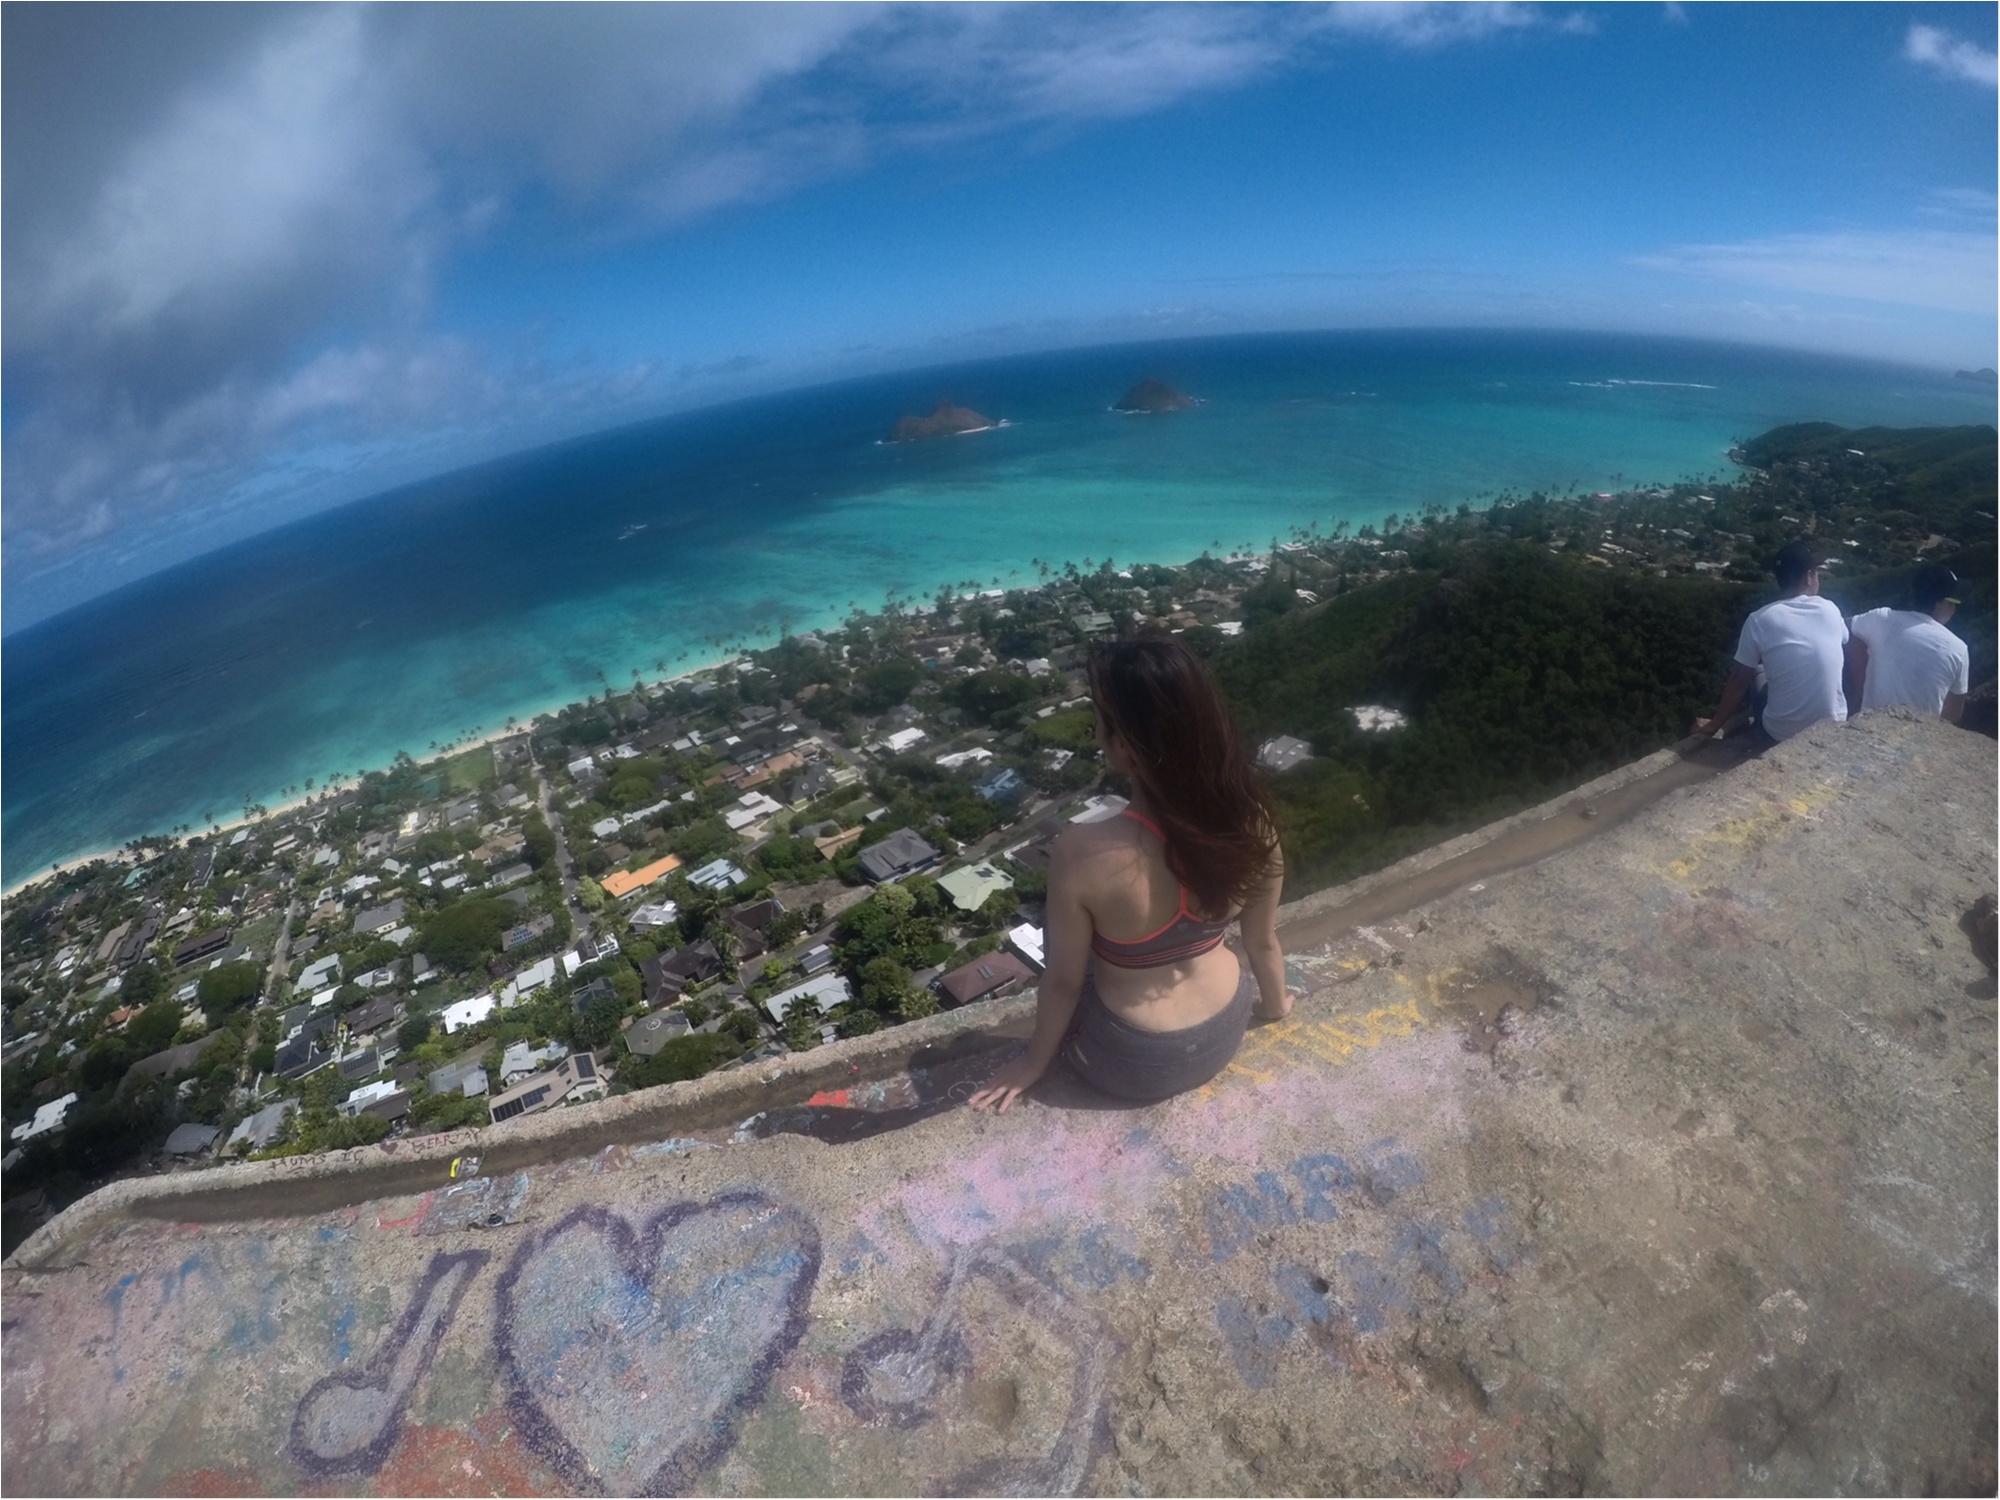 ハワイ女子旅特集 - 人気のカフェやグルメ、インスタ映えスポット、ディズニーなど旅する女子のおすすめまとめ_134